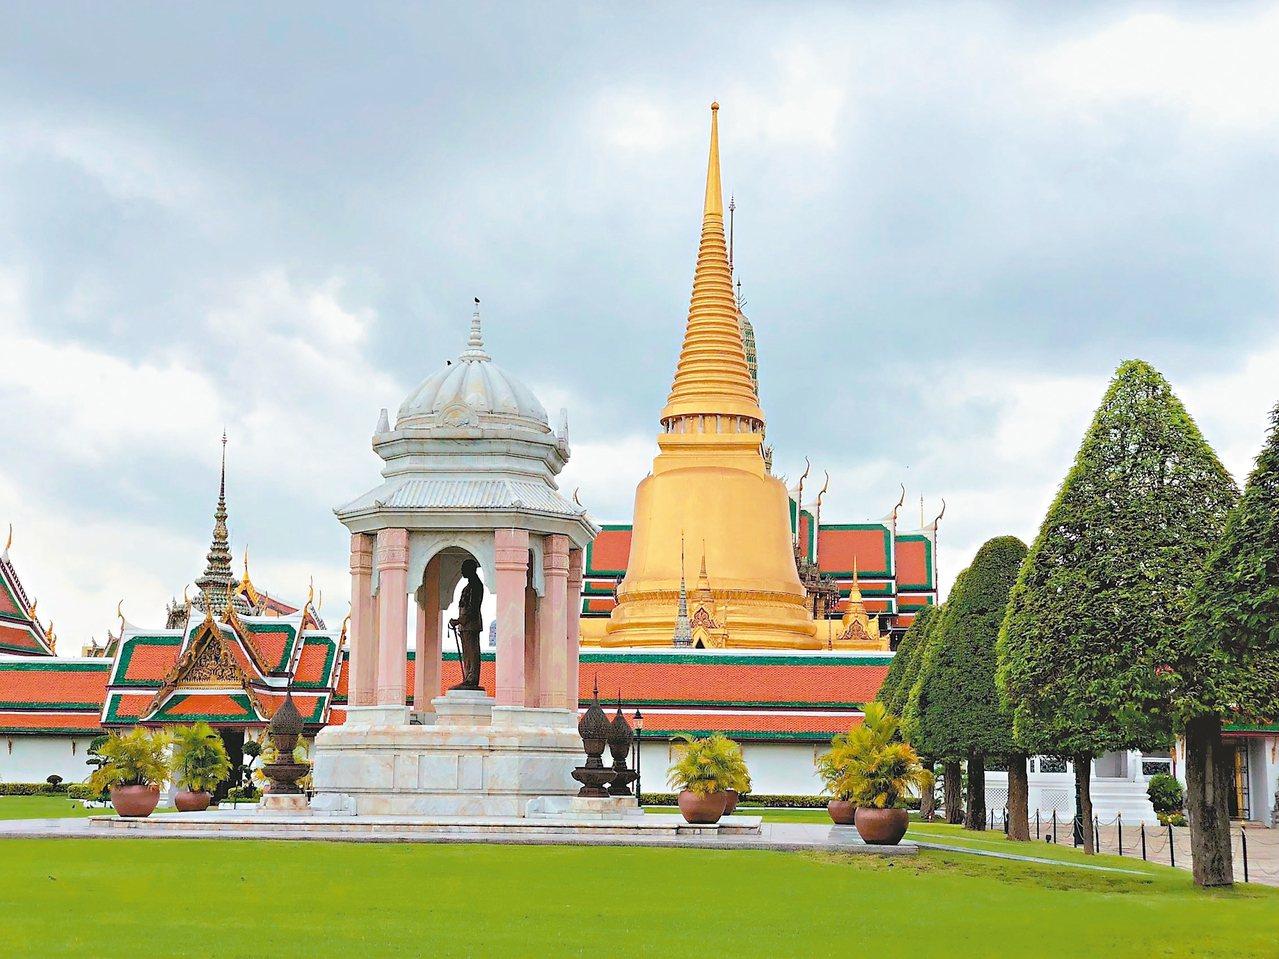 台灣每年近七十萬人前往泰國觀光,我國給泰國免簽,但泰國卻要求國人簽證附財力證明,...